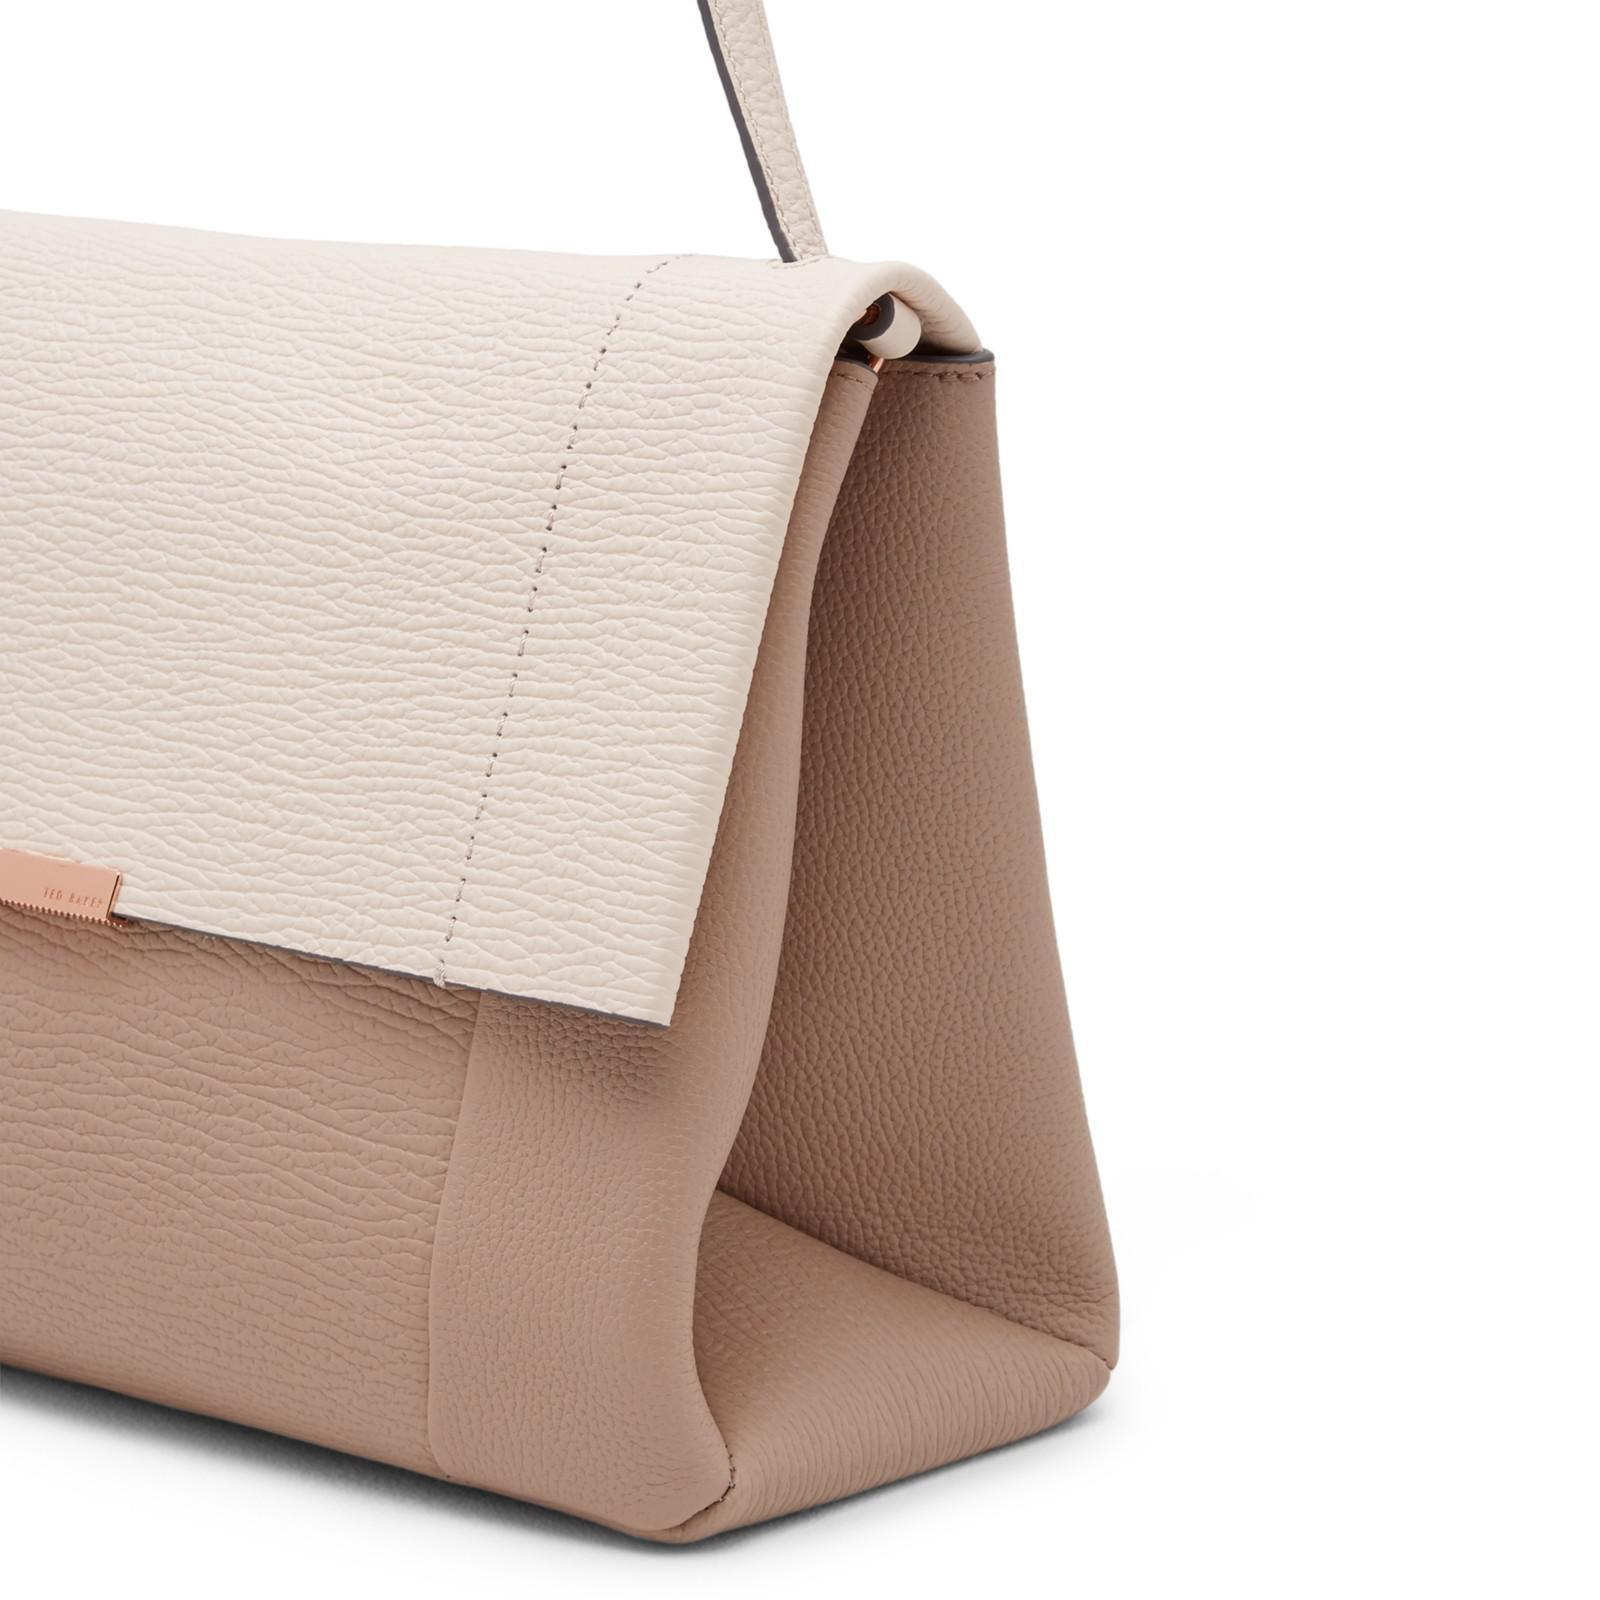 4530b6a464cd7d Ted Baker Proter Leather Shoulder Bag - Lyst